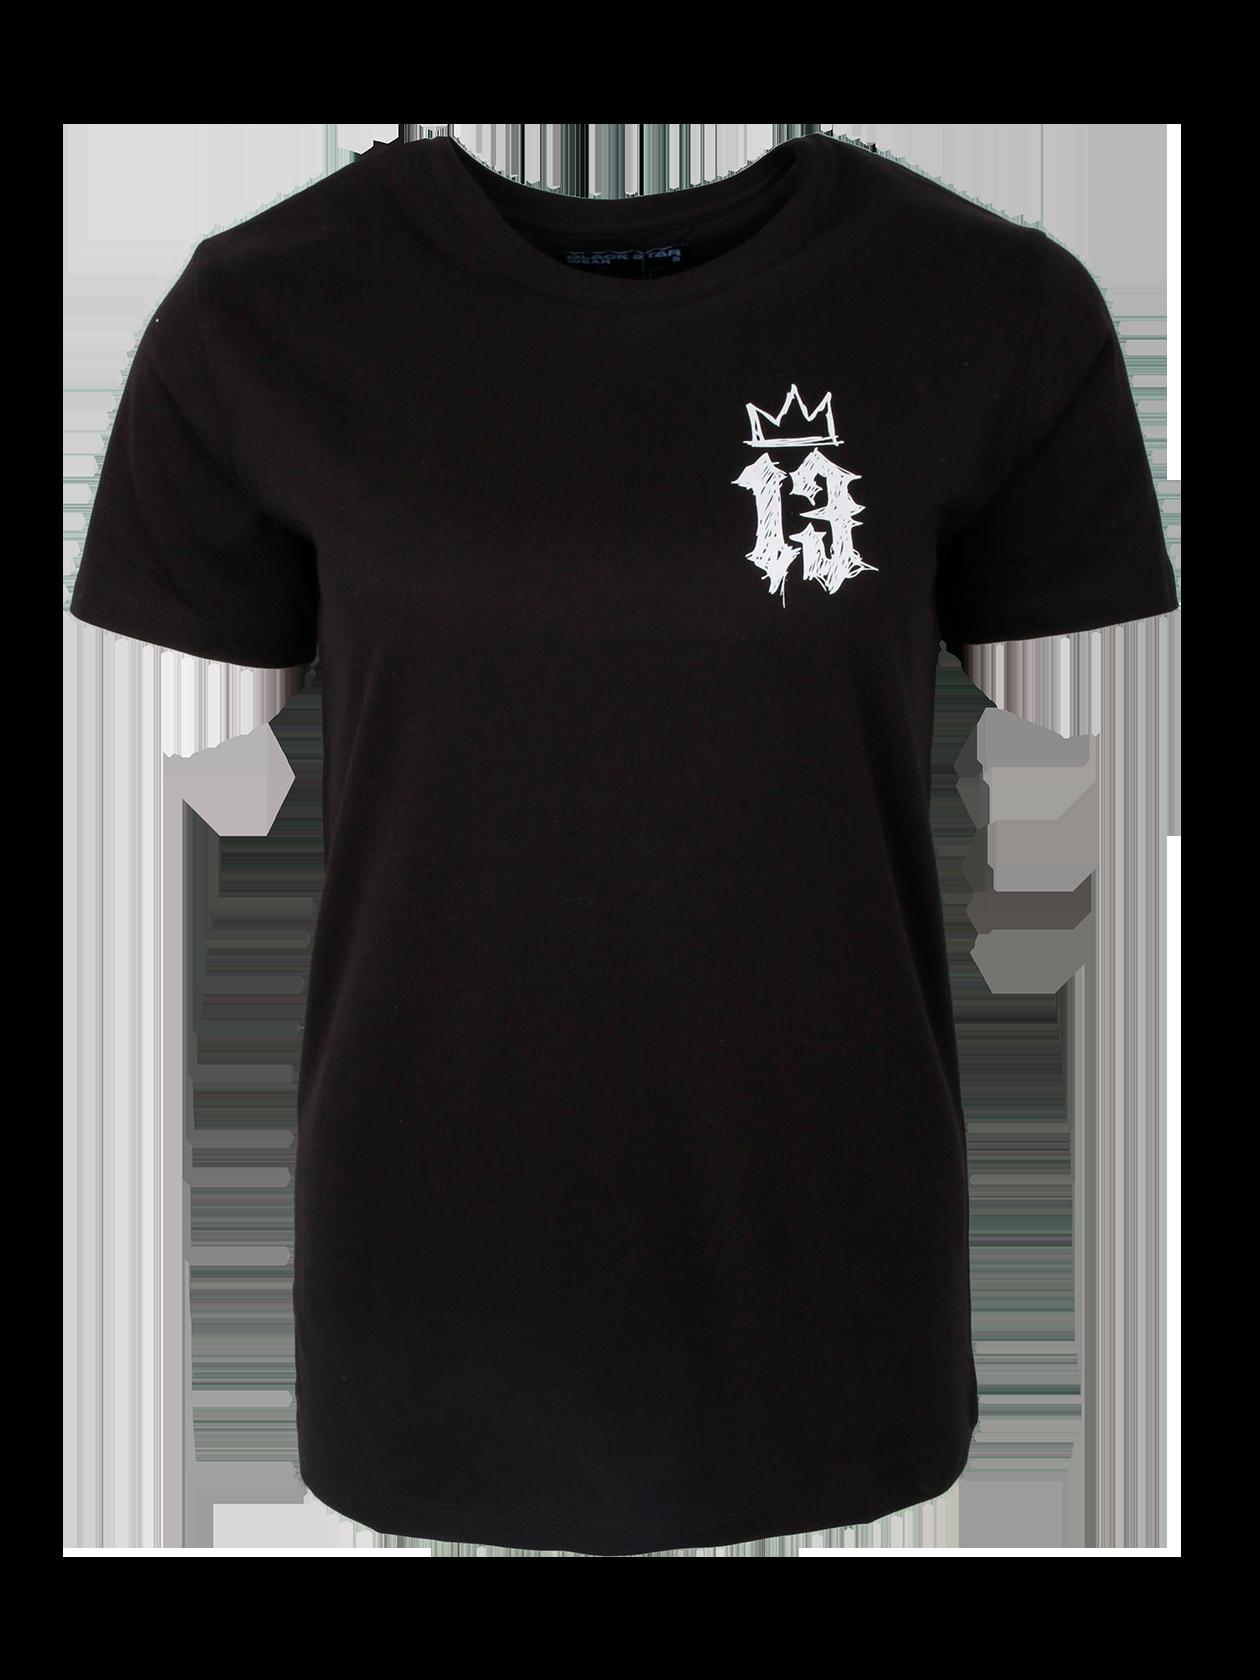 Футболка женская CROWN 13Стильная футболка женская Crown 13 из коллекции Black Star идеально впишется в любой гардероб. Изделие традиционного дизайна изготовлено из первоклассного 100% хлопка. Фасон прямой, силуэт полуприлегающий. Небольшой рукав и круглая горловина с жаккардовым логотипом Black Star Wear с внутренней стороны. Примечательная деталь – контрастный принт на груди с цифрой 13 и короной в оригинальном изображении. Футболка доступна в двух расцветках – белой и черной.<br><br>Размер: XS<br>Цвет: Черный<br>Пол: Женский